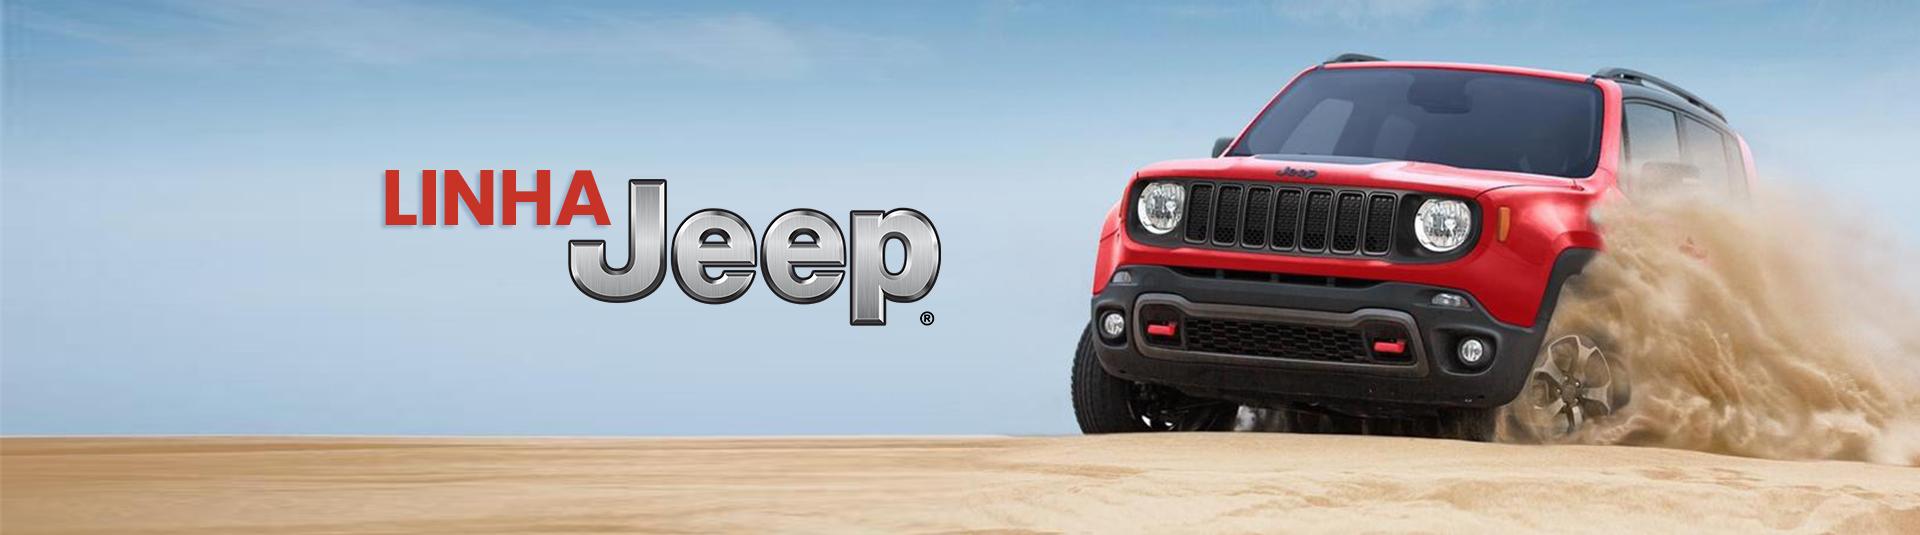 Linha Jeep